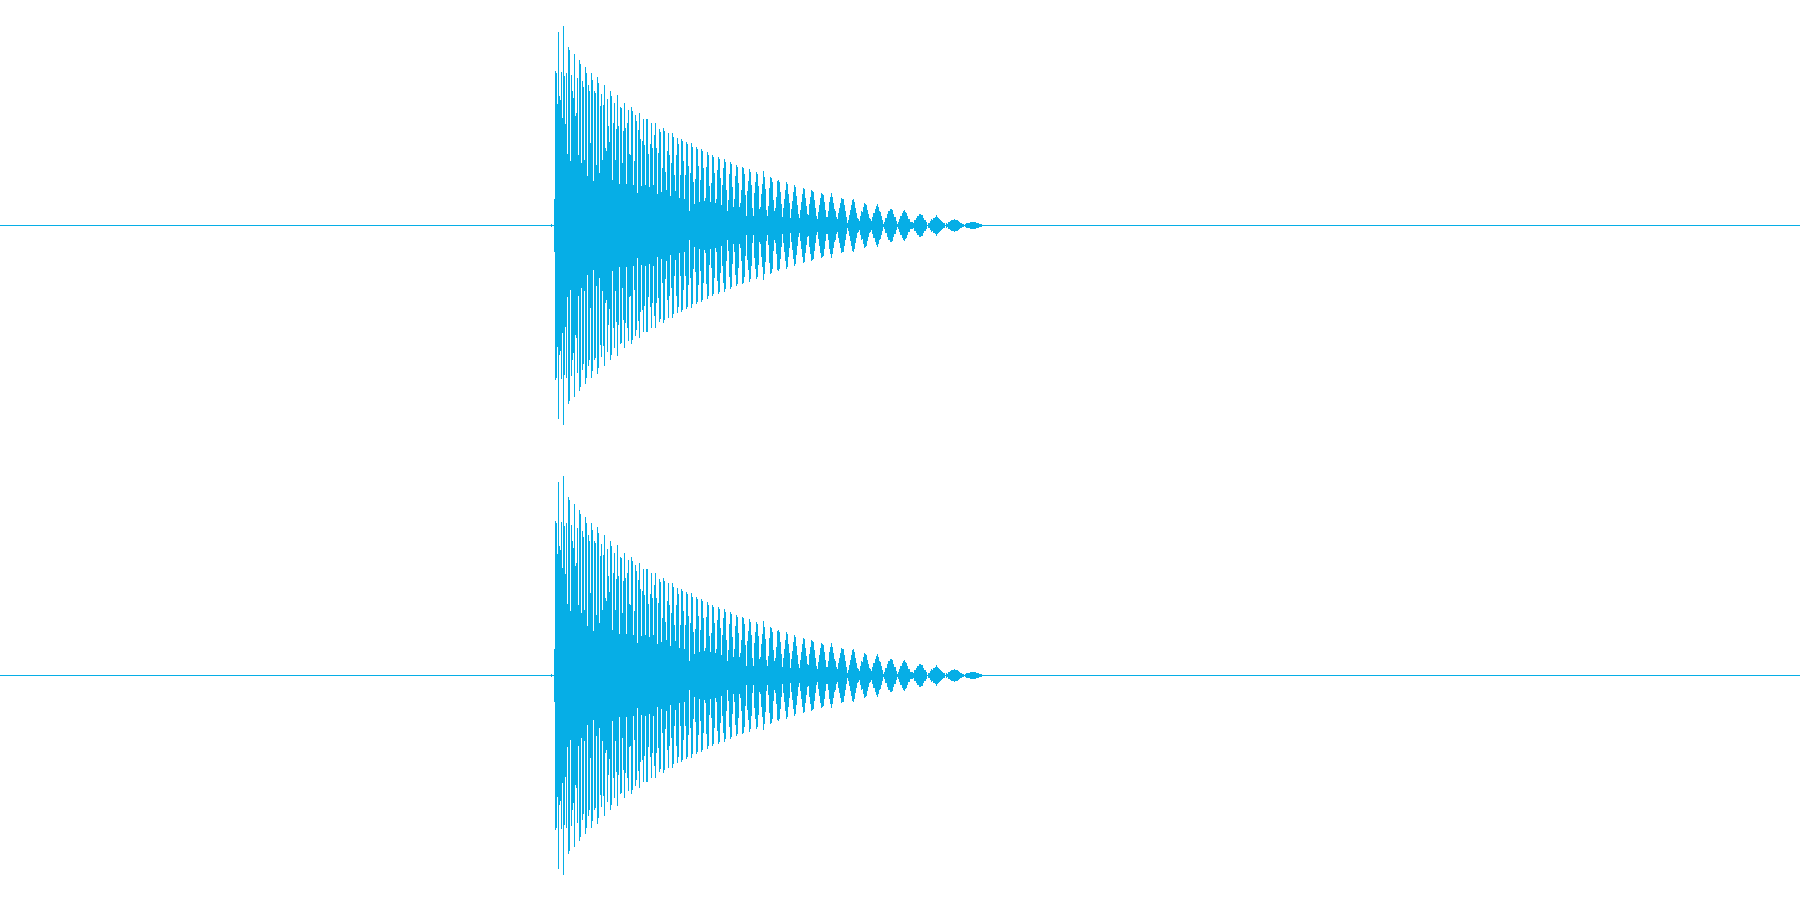 ファミコン風_ピュン_弾を打つ音7の再生済みの波形